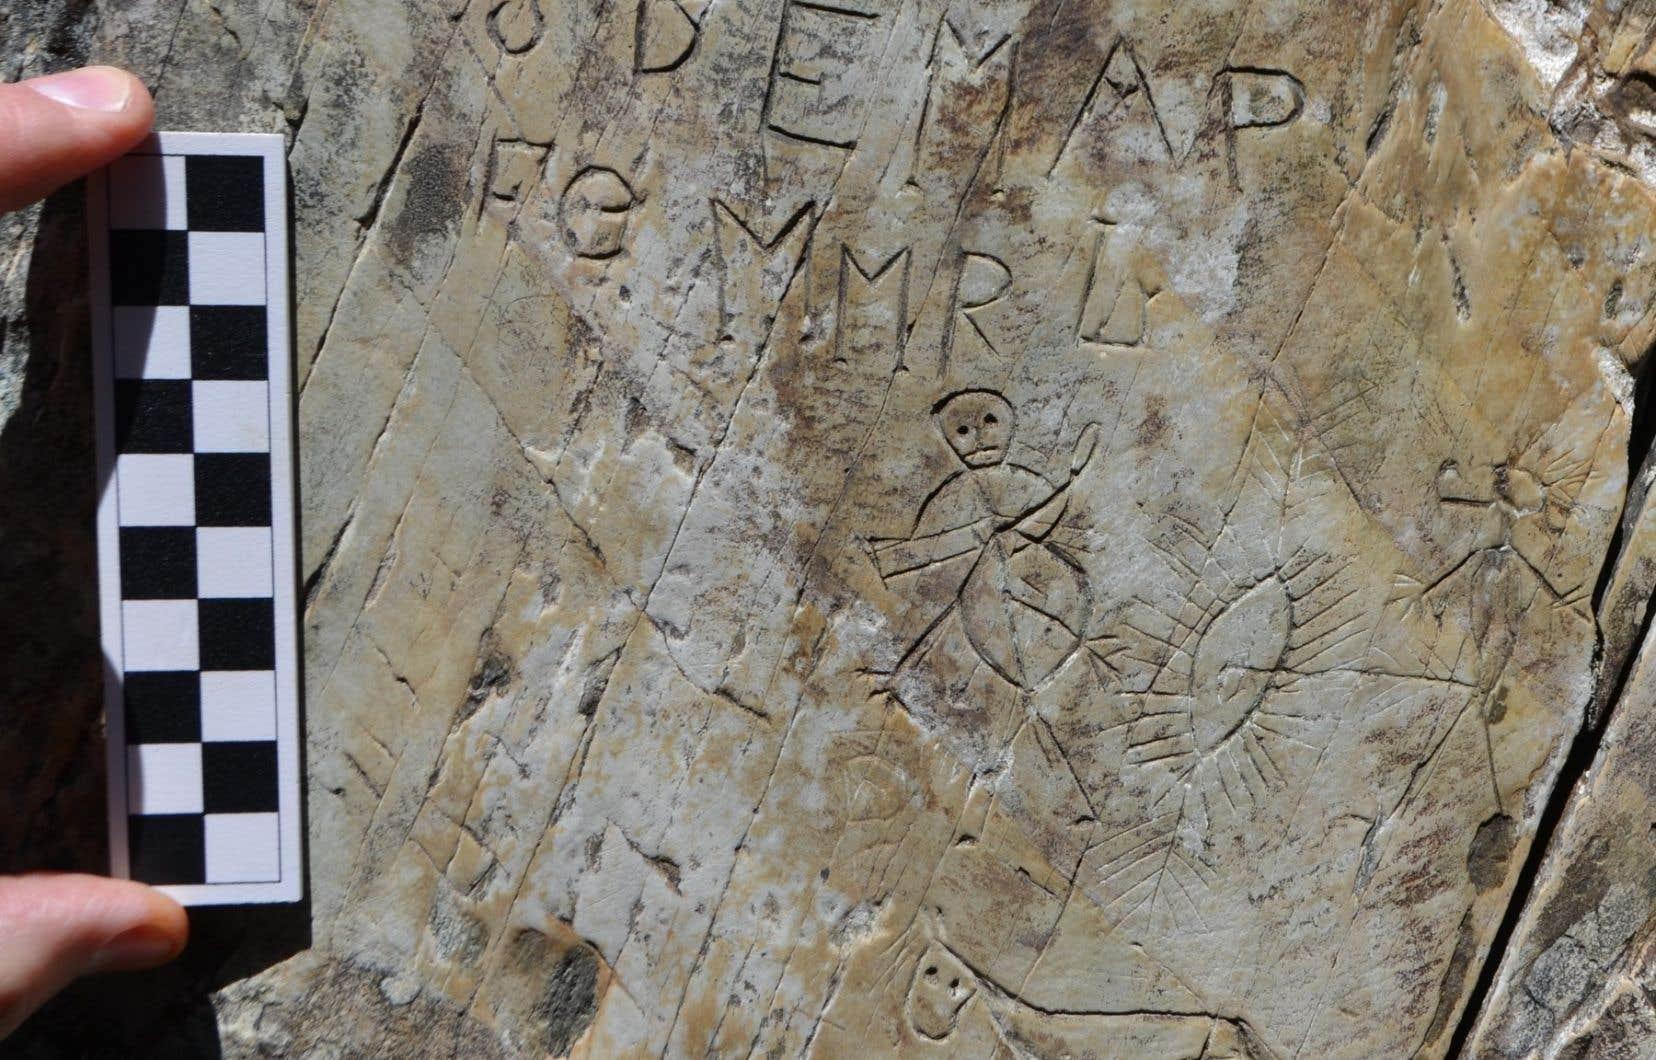 <p>Les pétroglyphes montrent des figures humaines et des motifs de fertilité caractéristiques des autres sculptures des peuples de langue algonquienne de l'est du Canada et de la Nouvelle-Angleterre.</p>